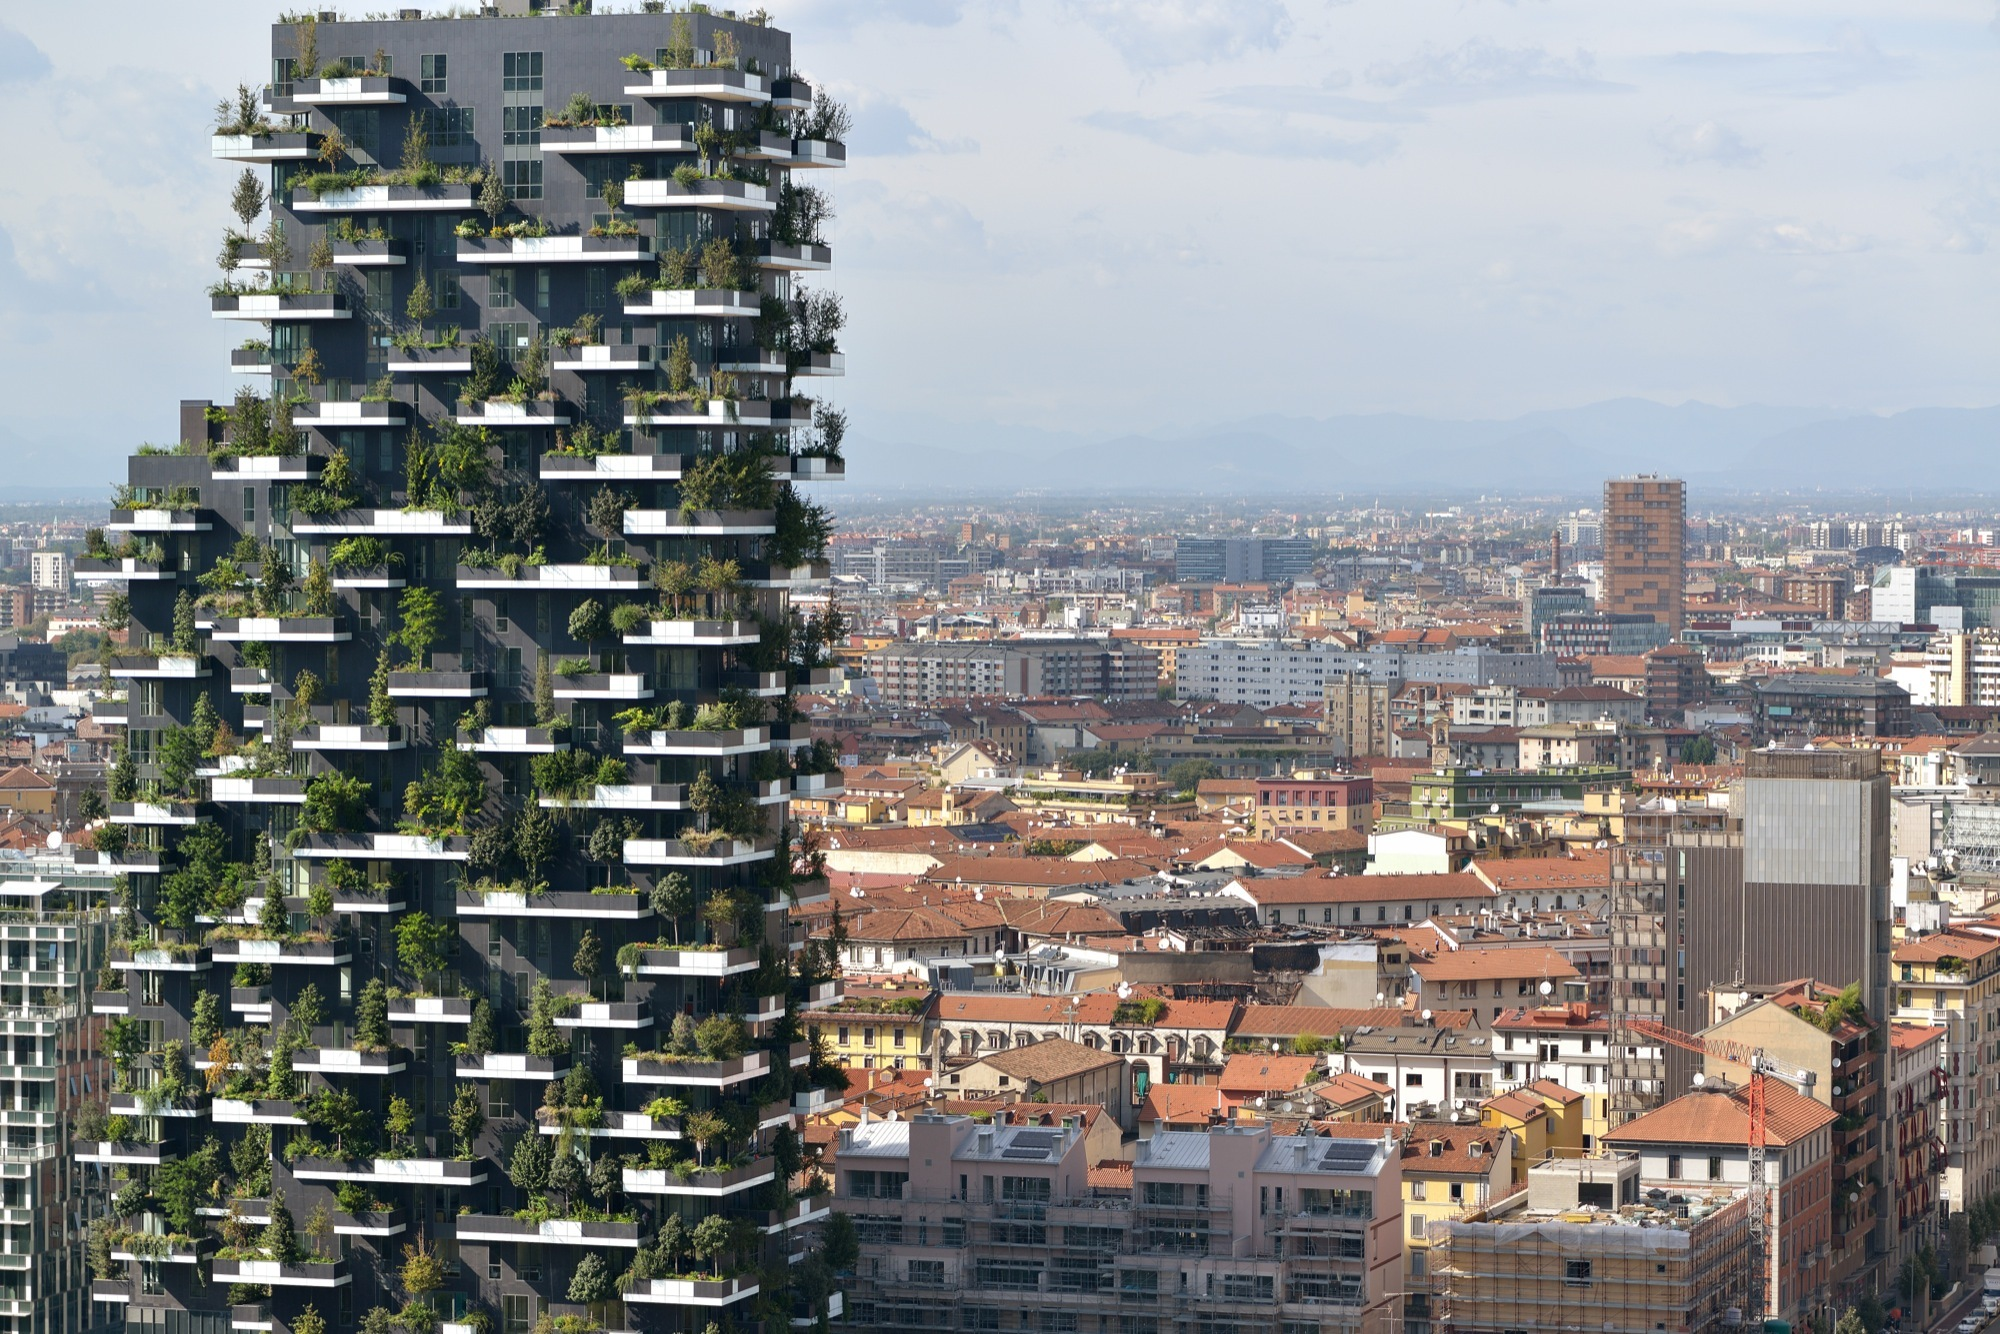 Bosco verticale boeri studio archdaily for Design di interni milano